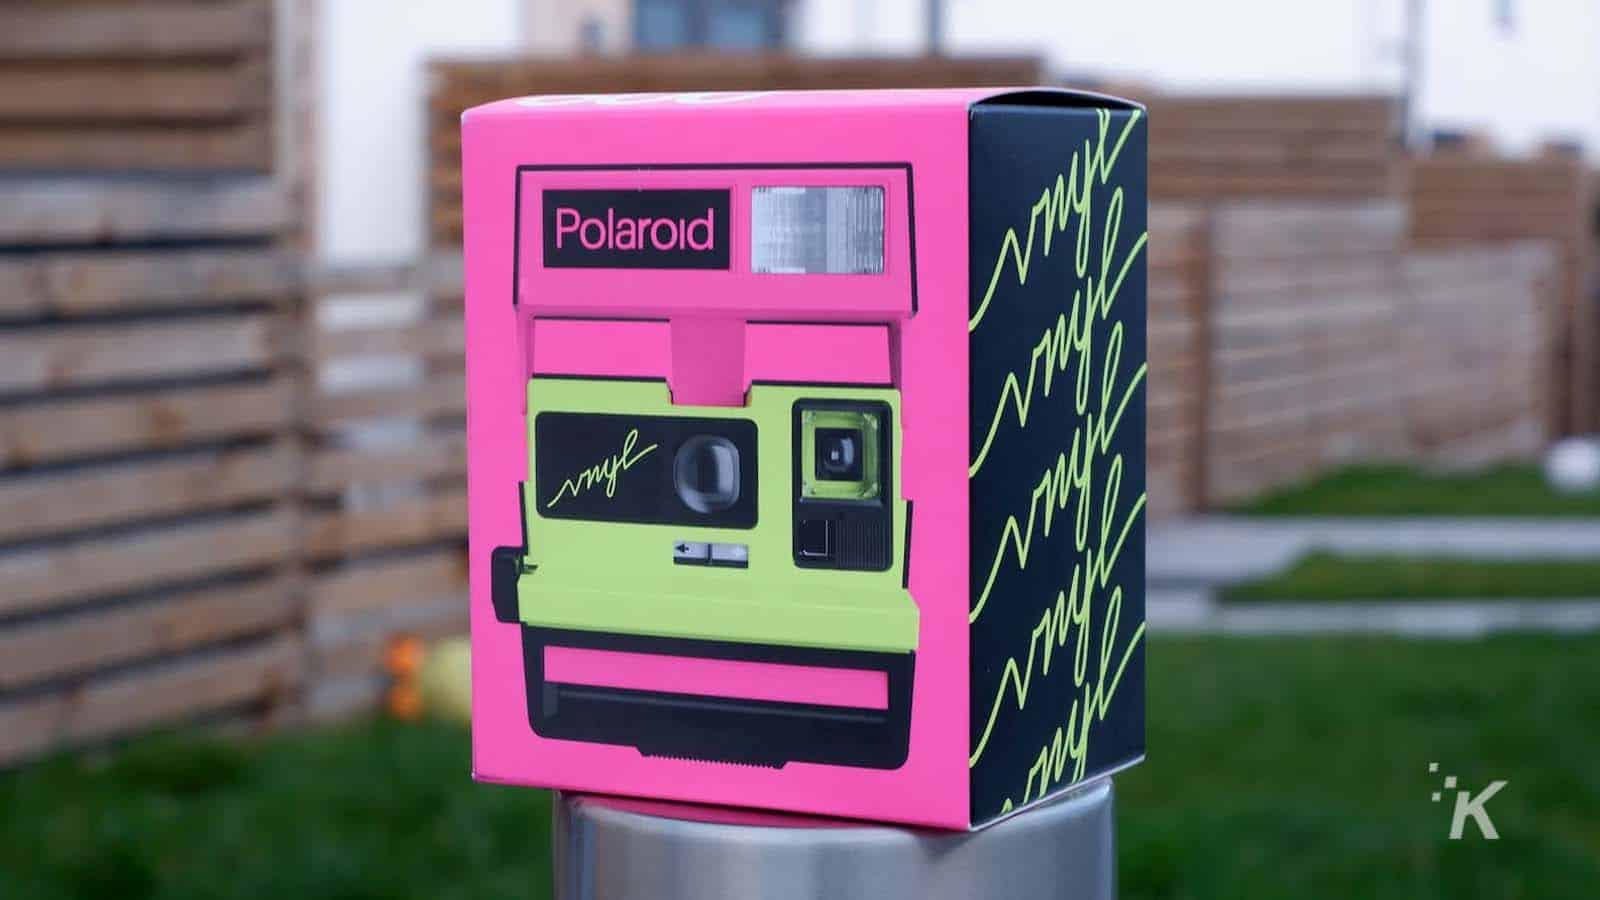 polaroid vnyl packaging